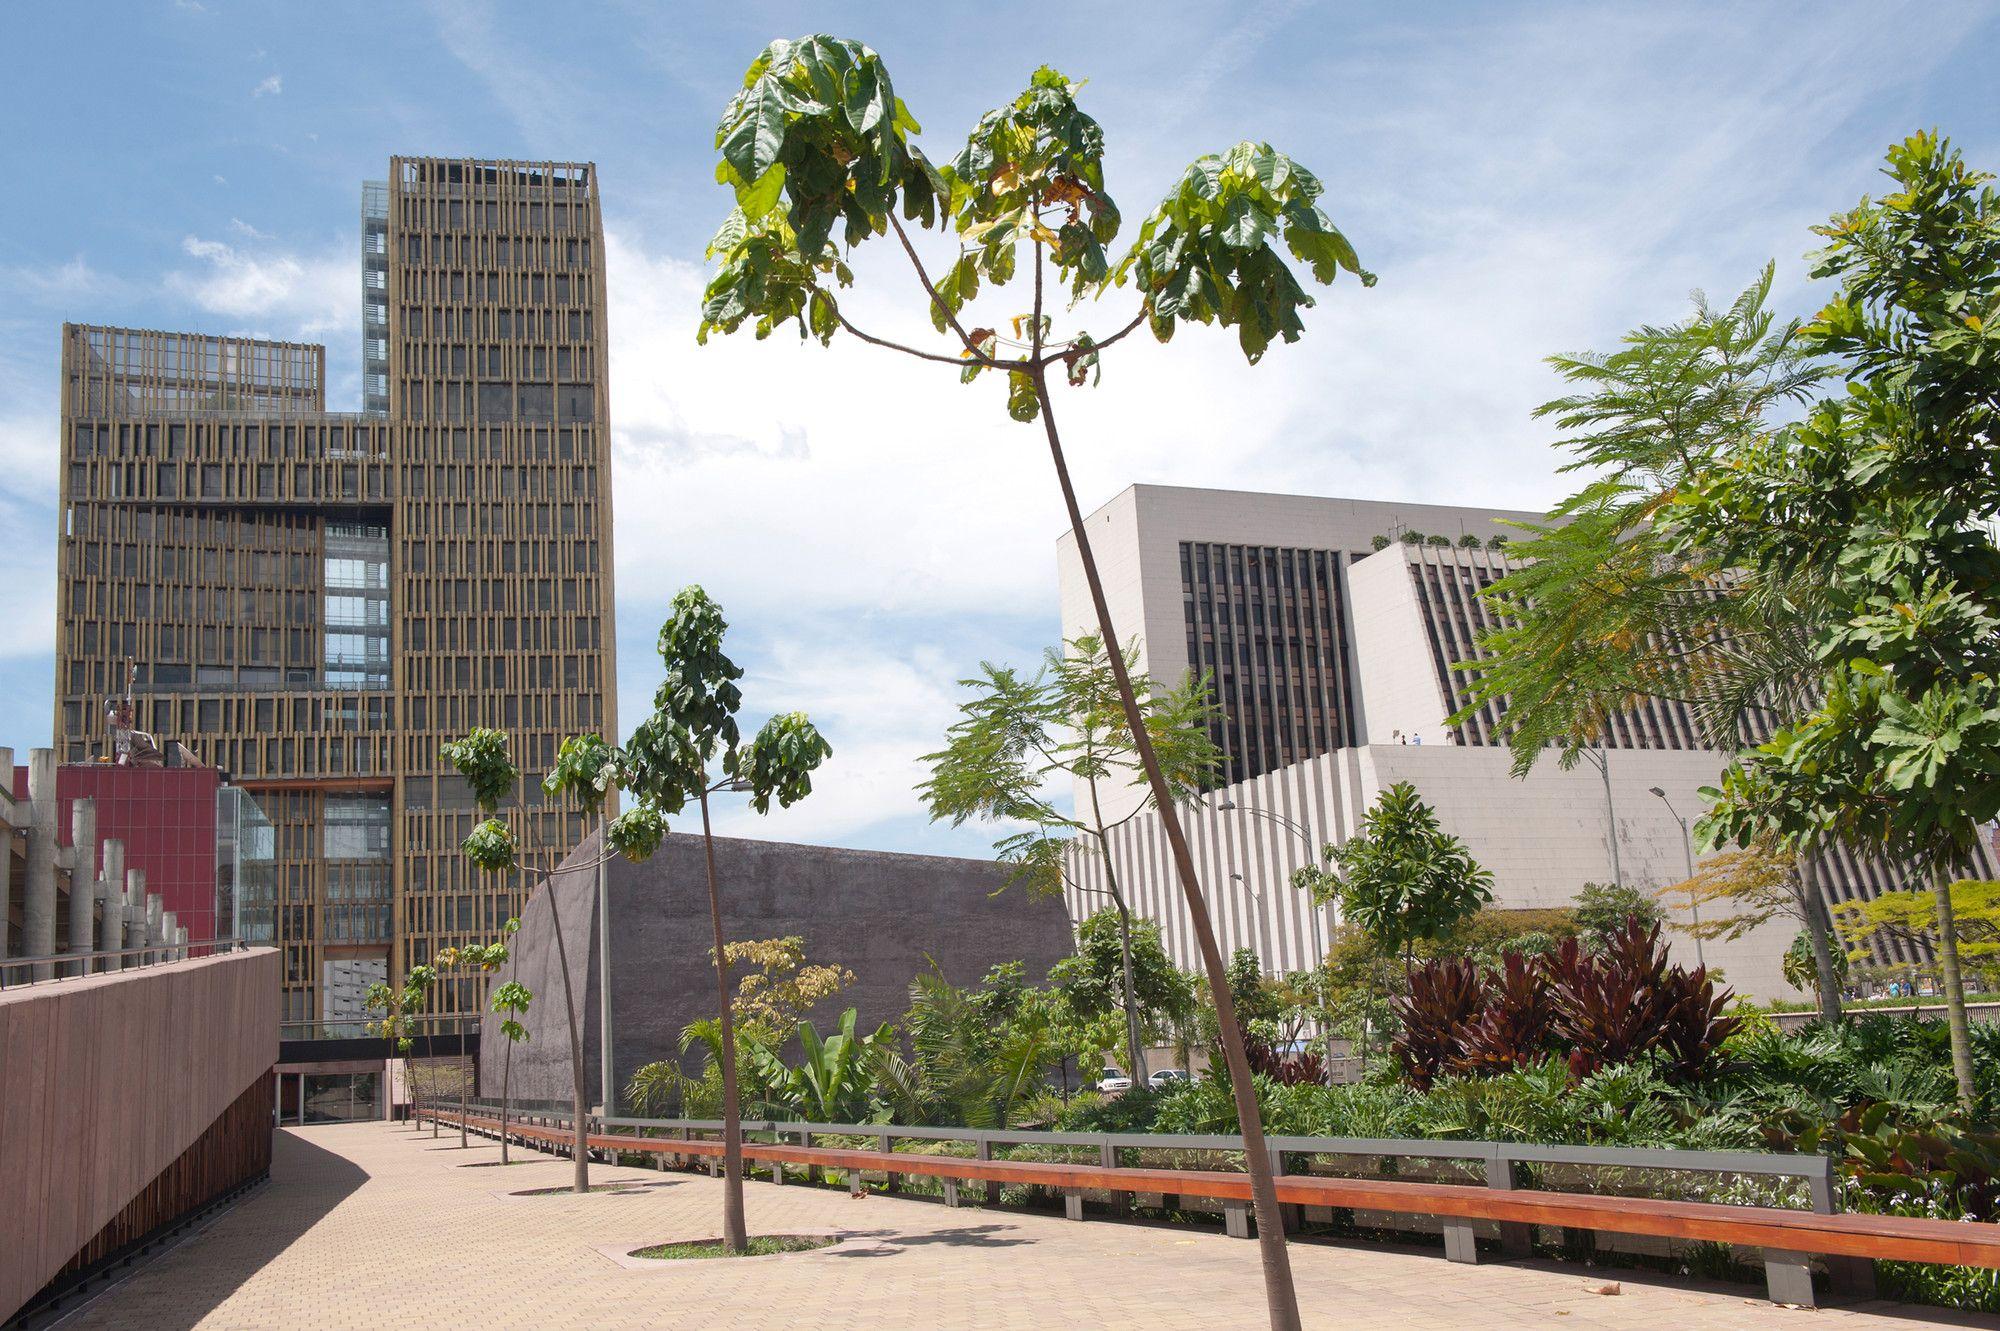 Galeria - Centro Cívico Plaza de La Libertad / OPUS + Toroposada Arquitectos - 8